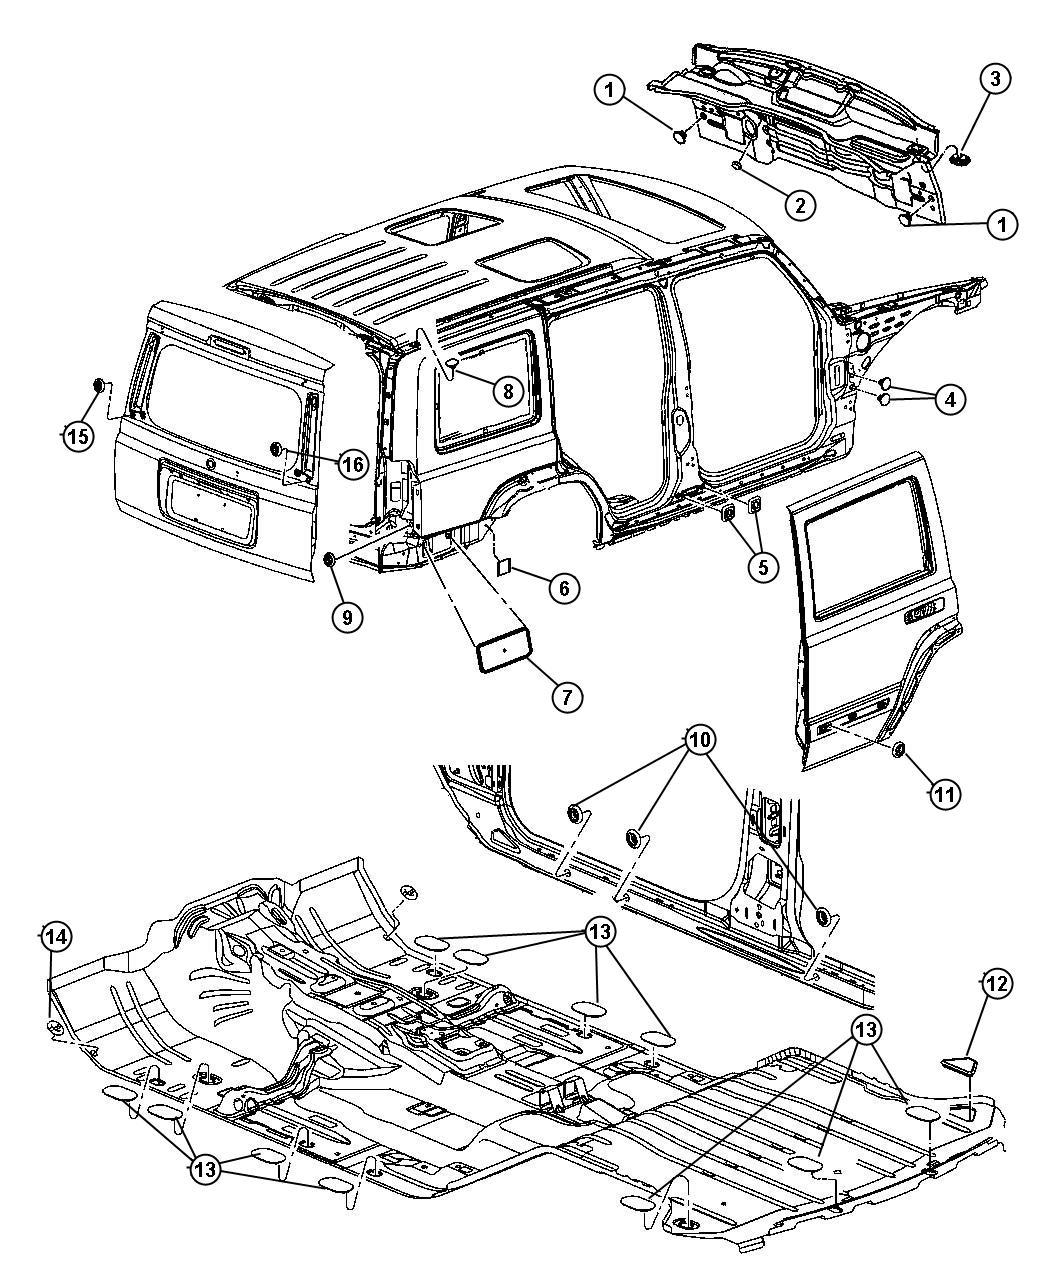 2007 Jeep Commander Limited 4x4, 5.7L Hemi Multi